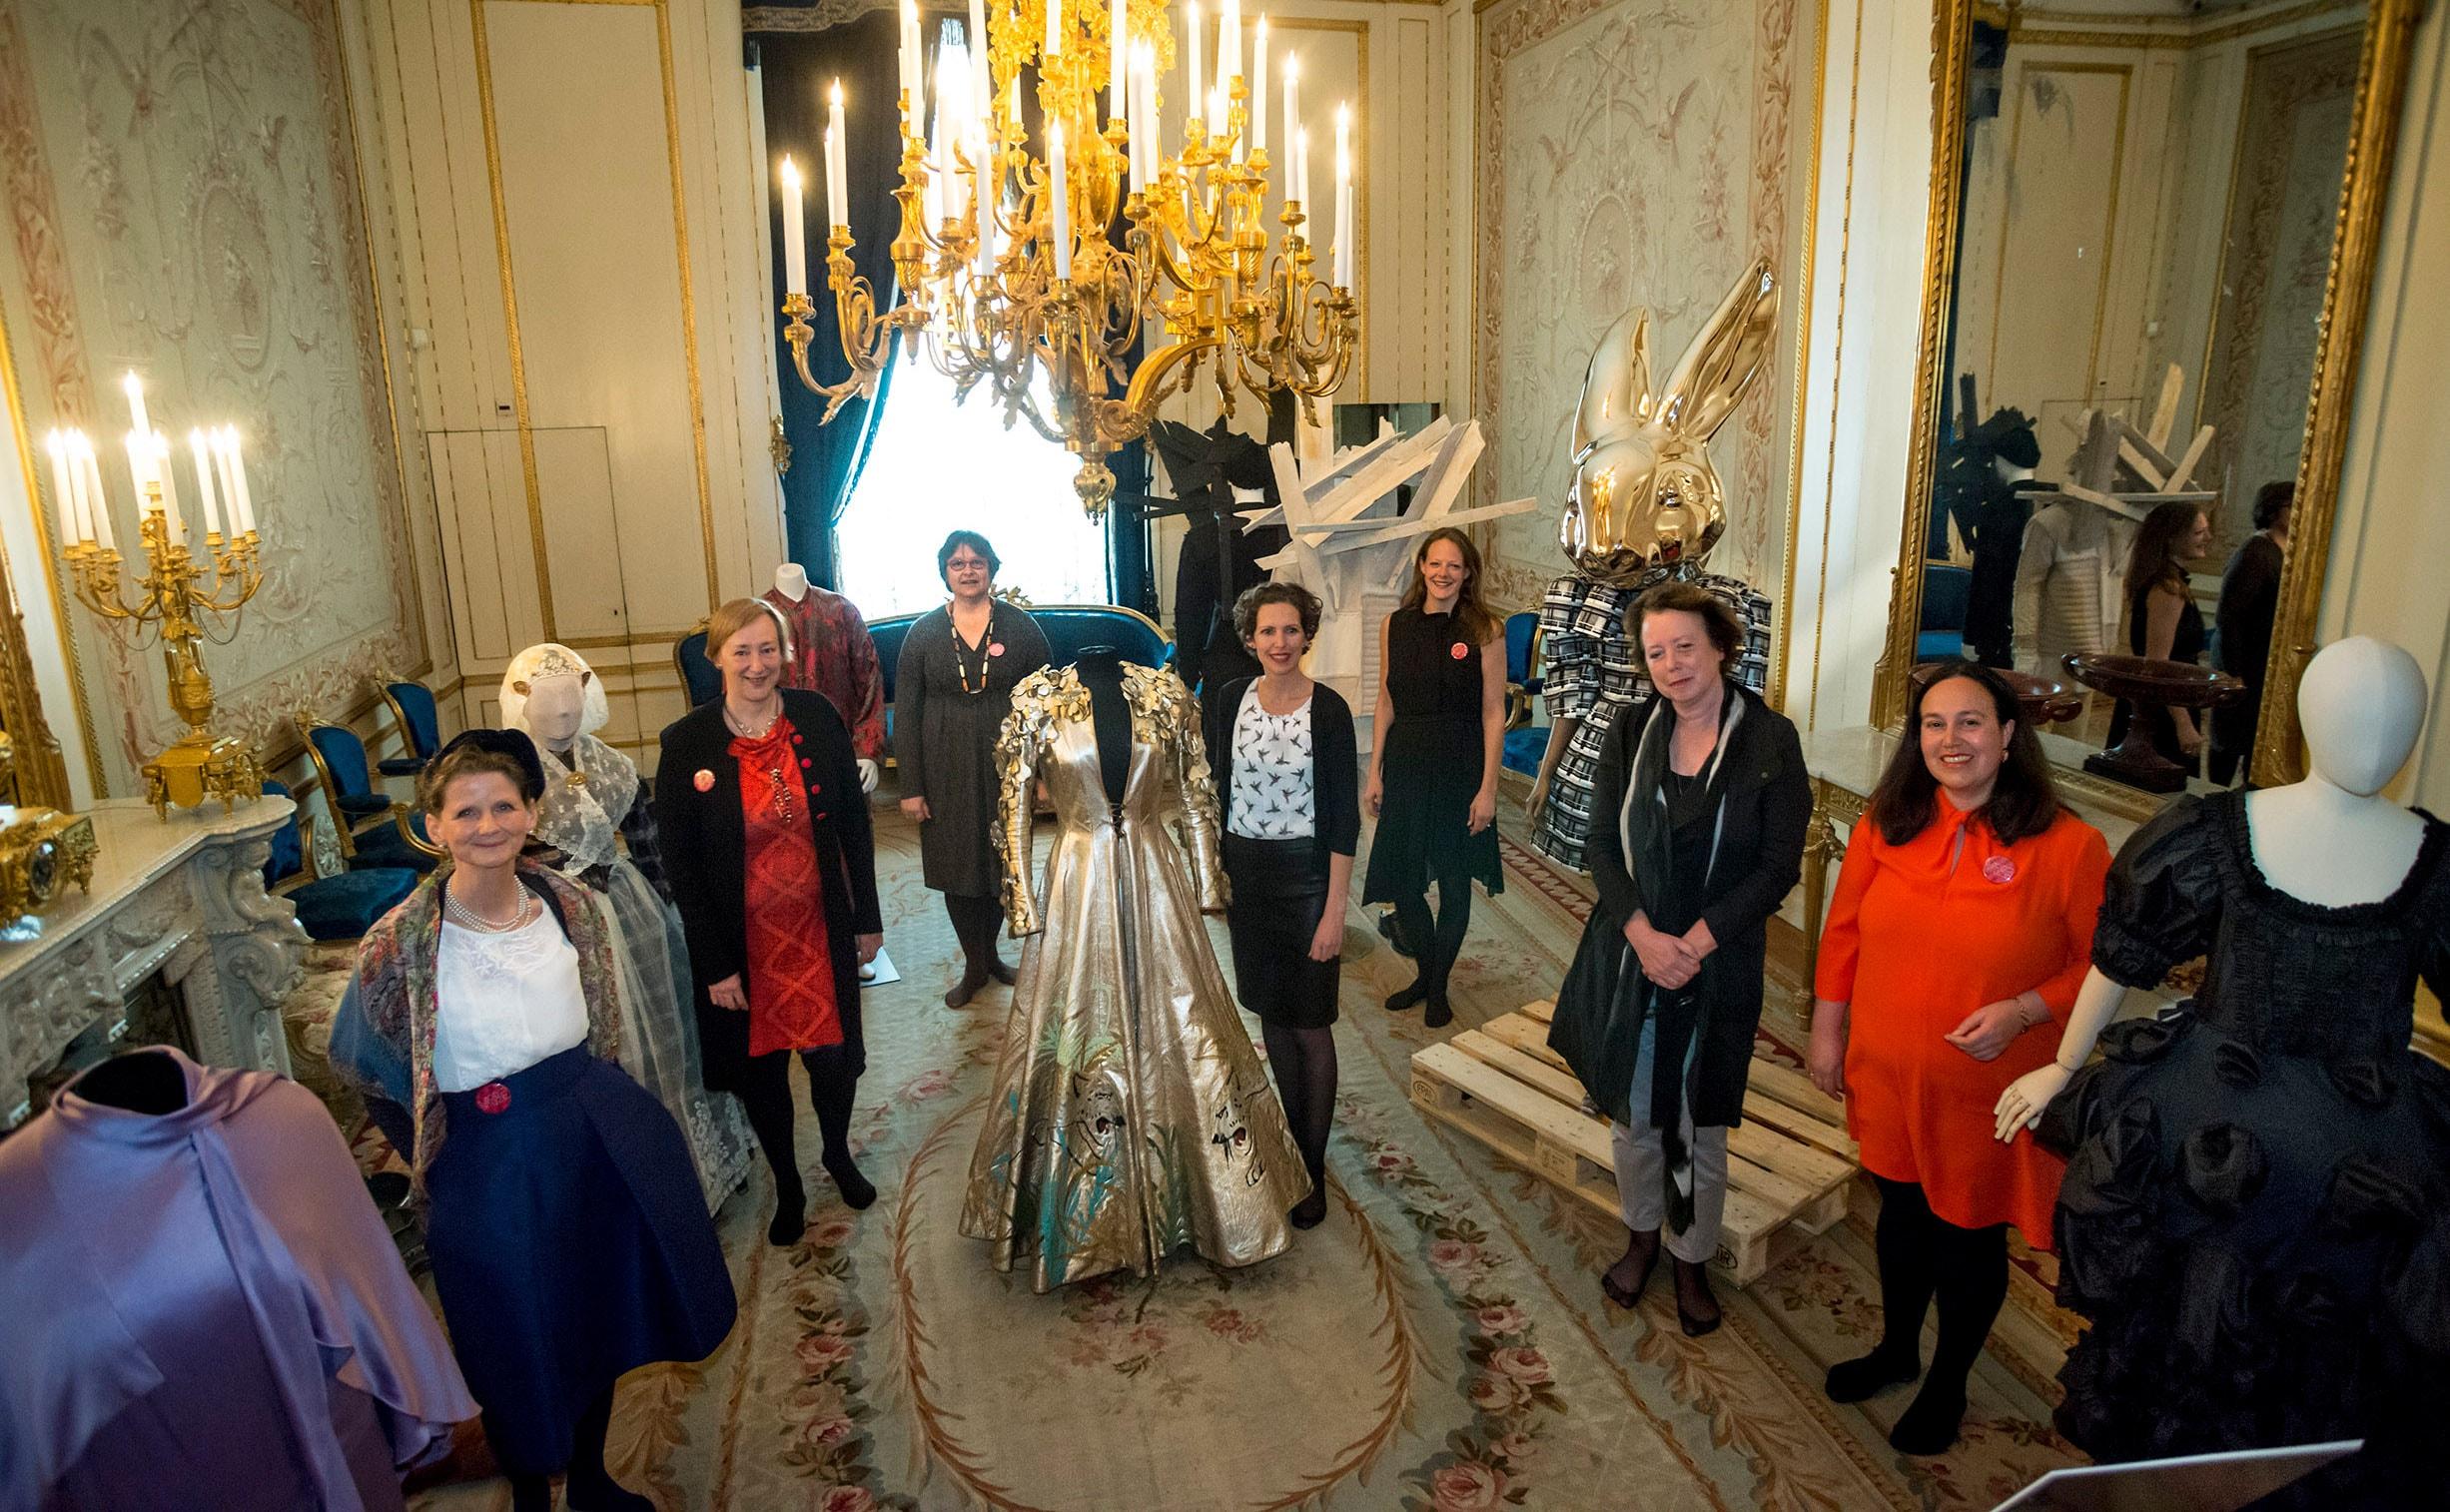 Samenwerking zeven musea: 'Modemuze is een groeidiamant'